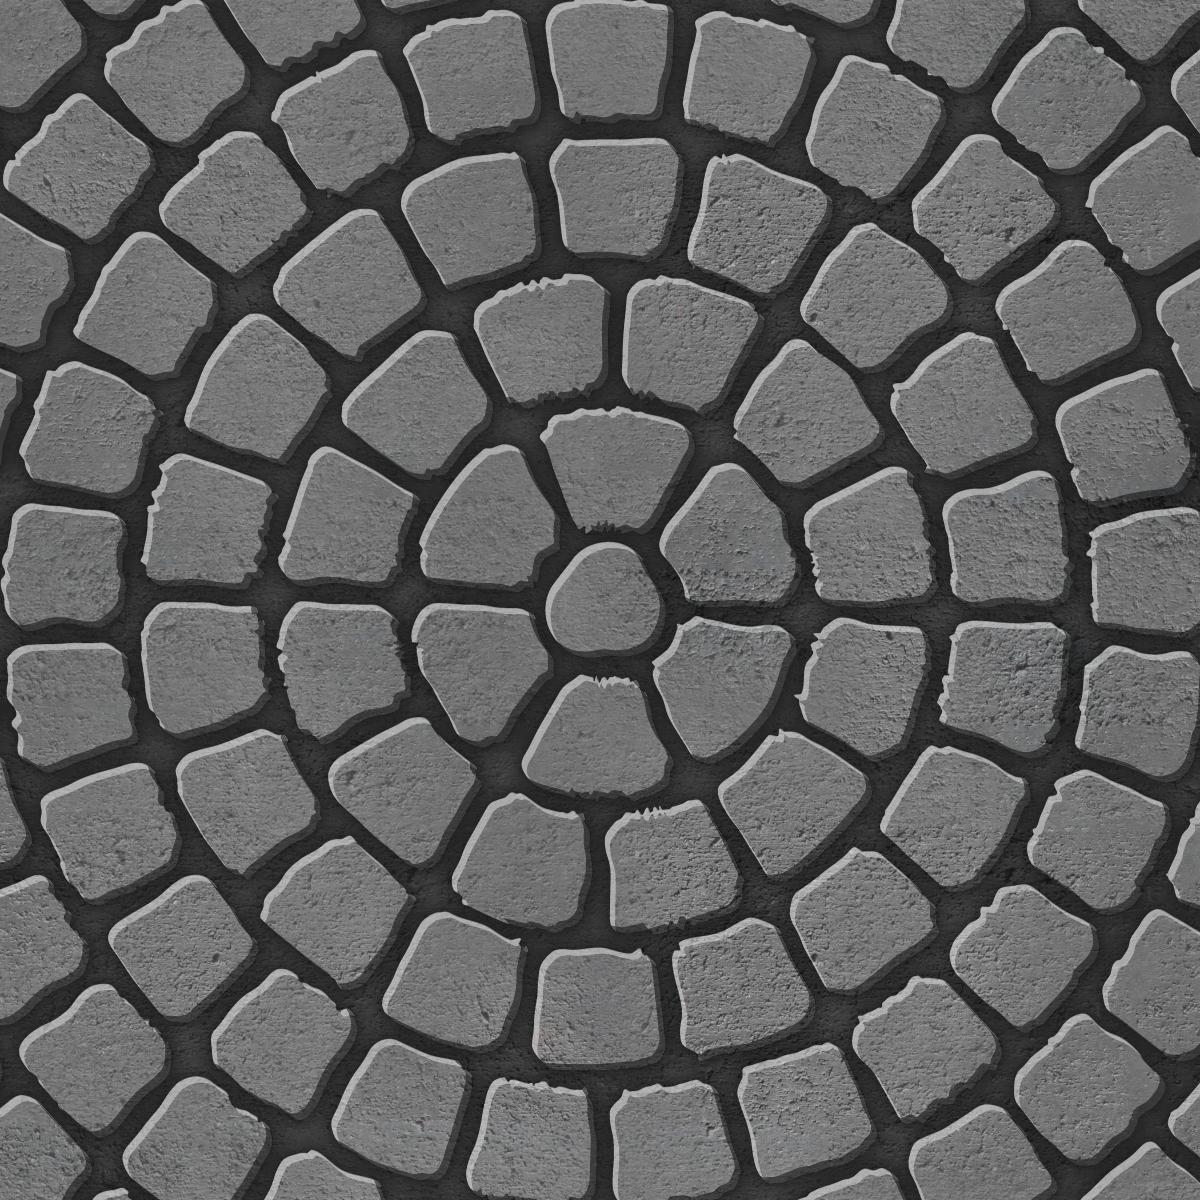 Circlular paving pattern